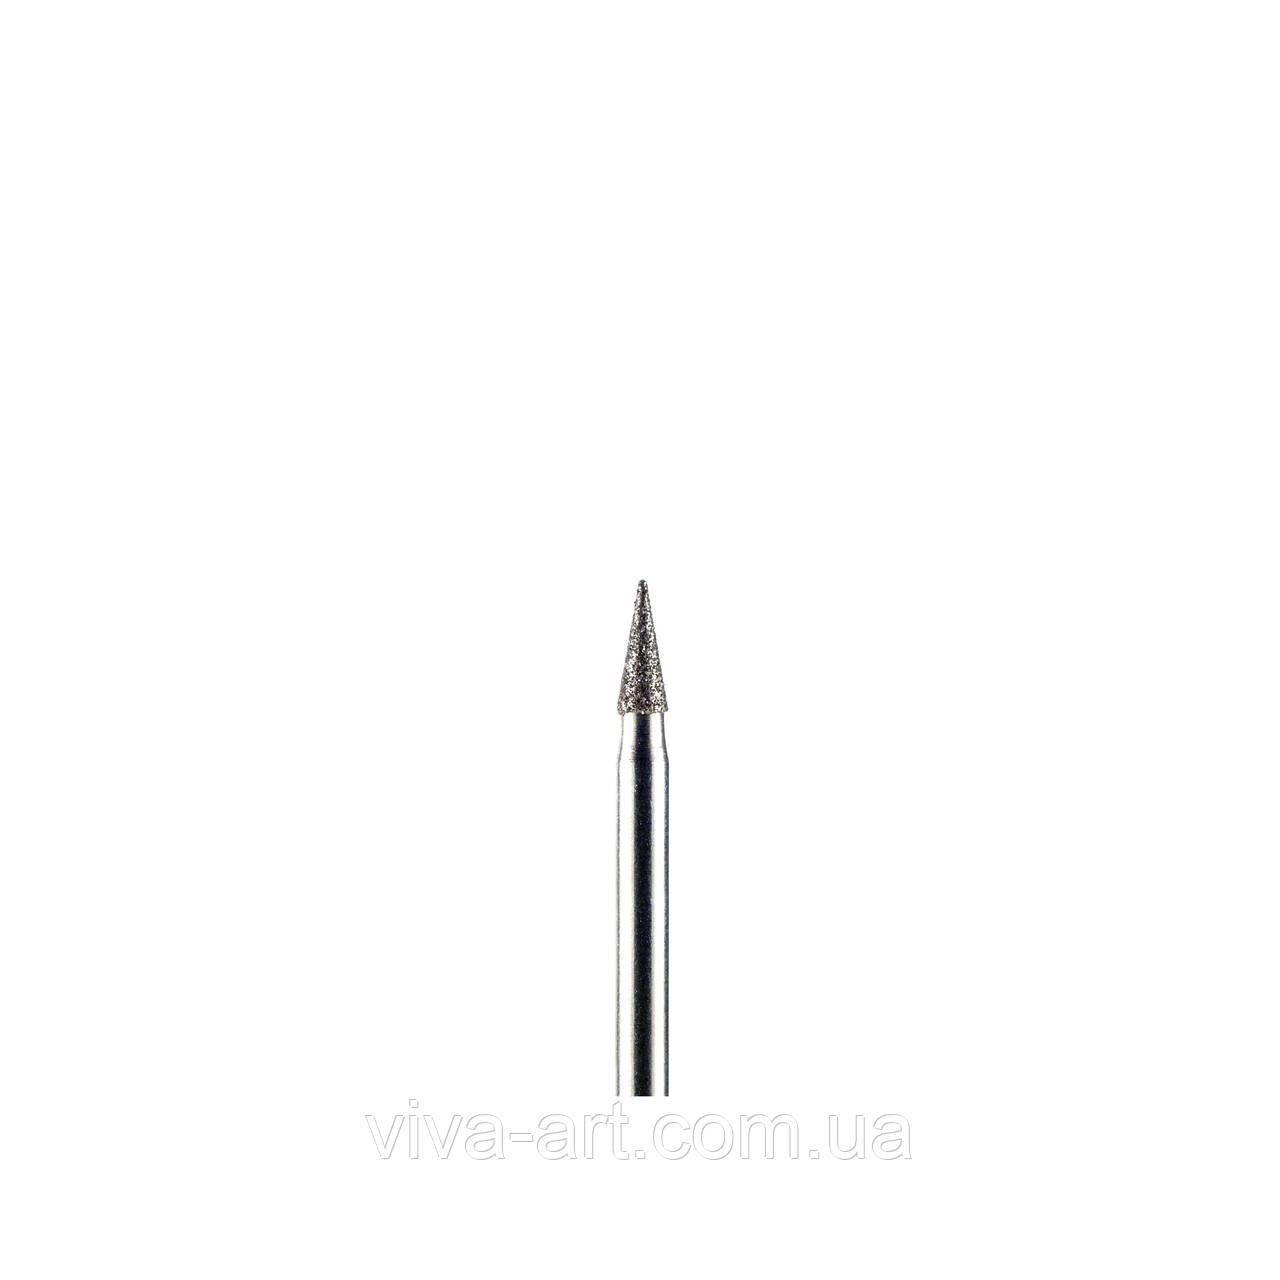 Алмазная насадка конус заостренный, 2.3 мм, средний абразив, Diaswiss (Швейцария)